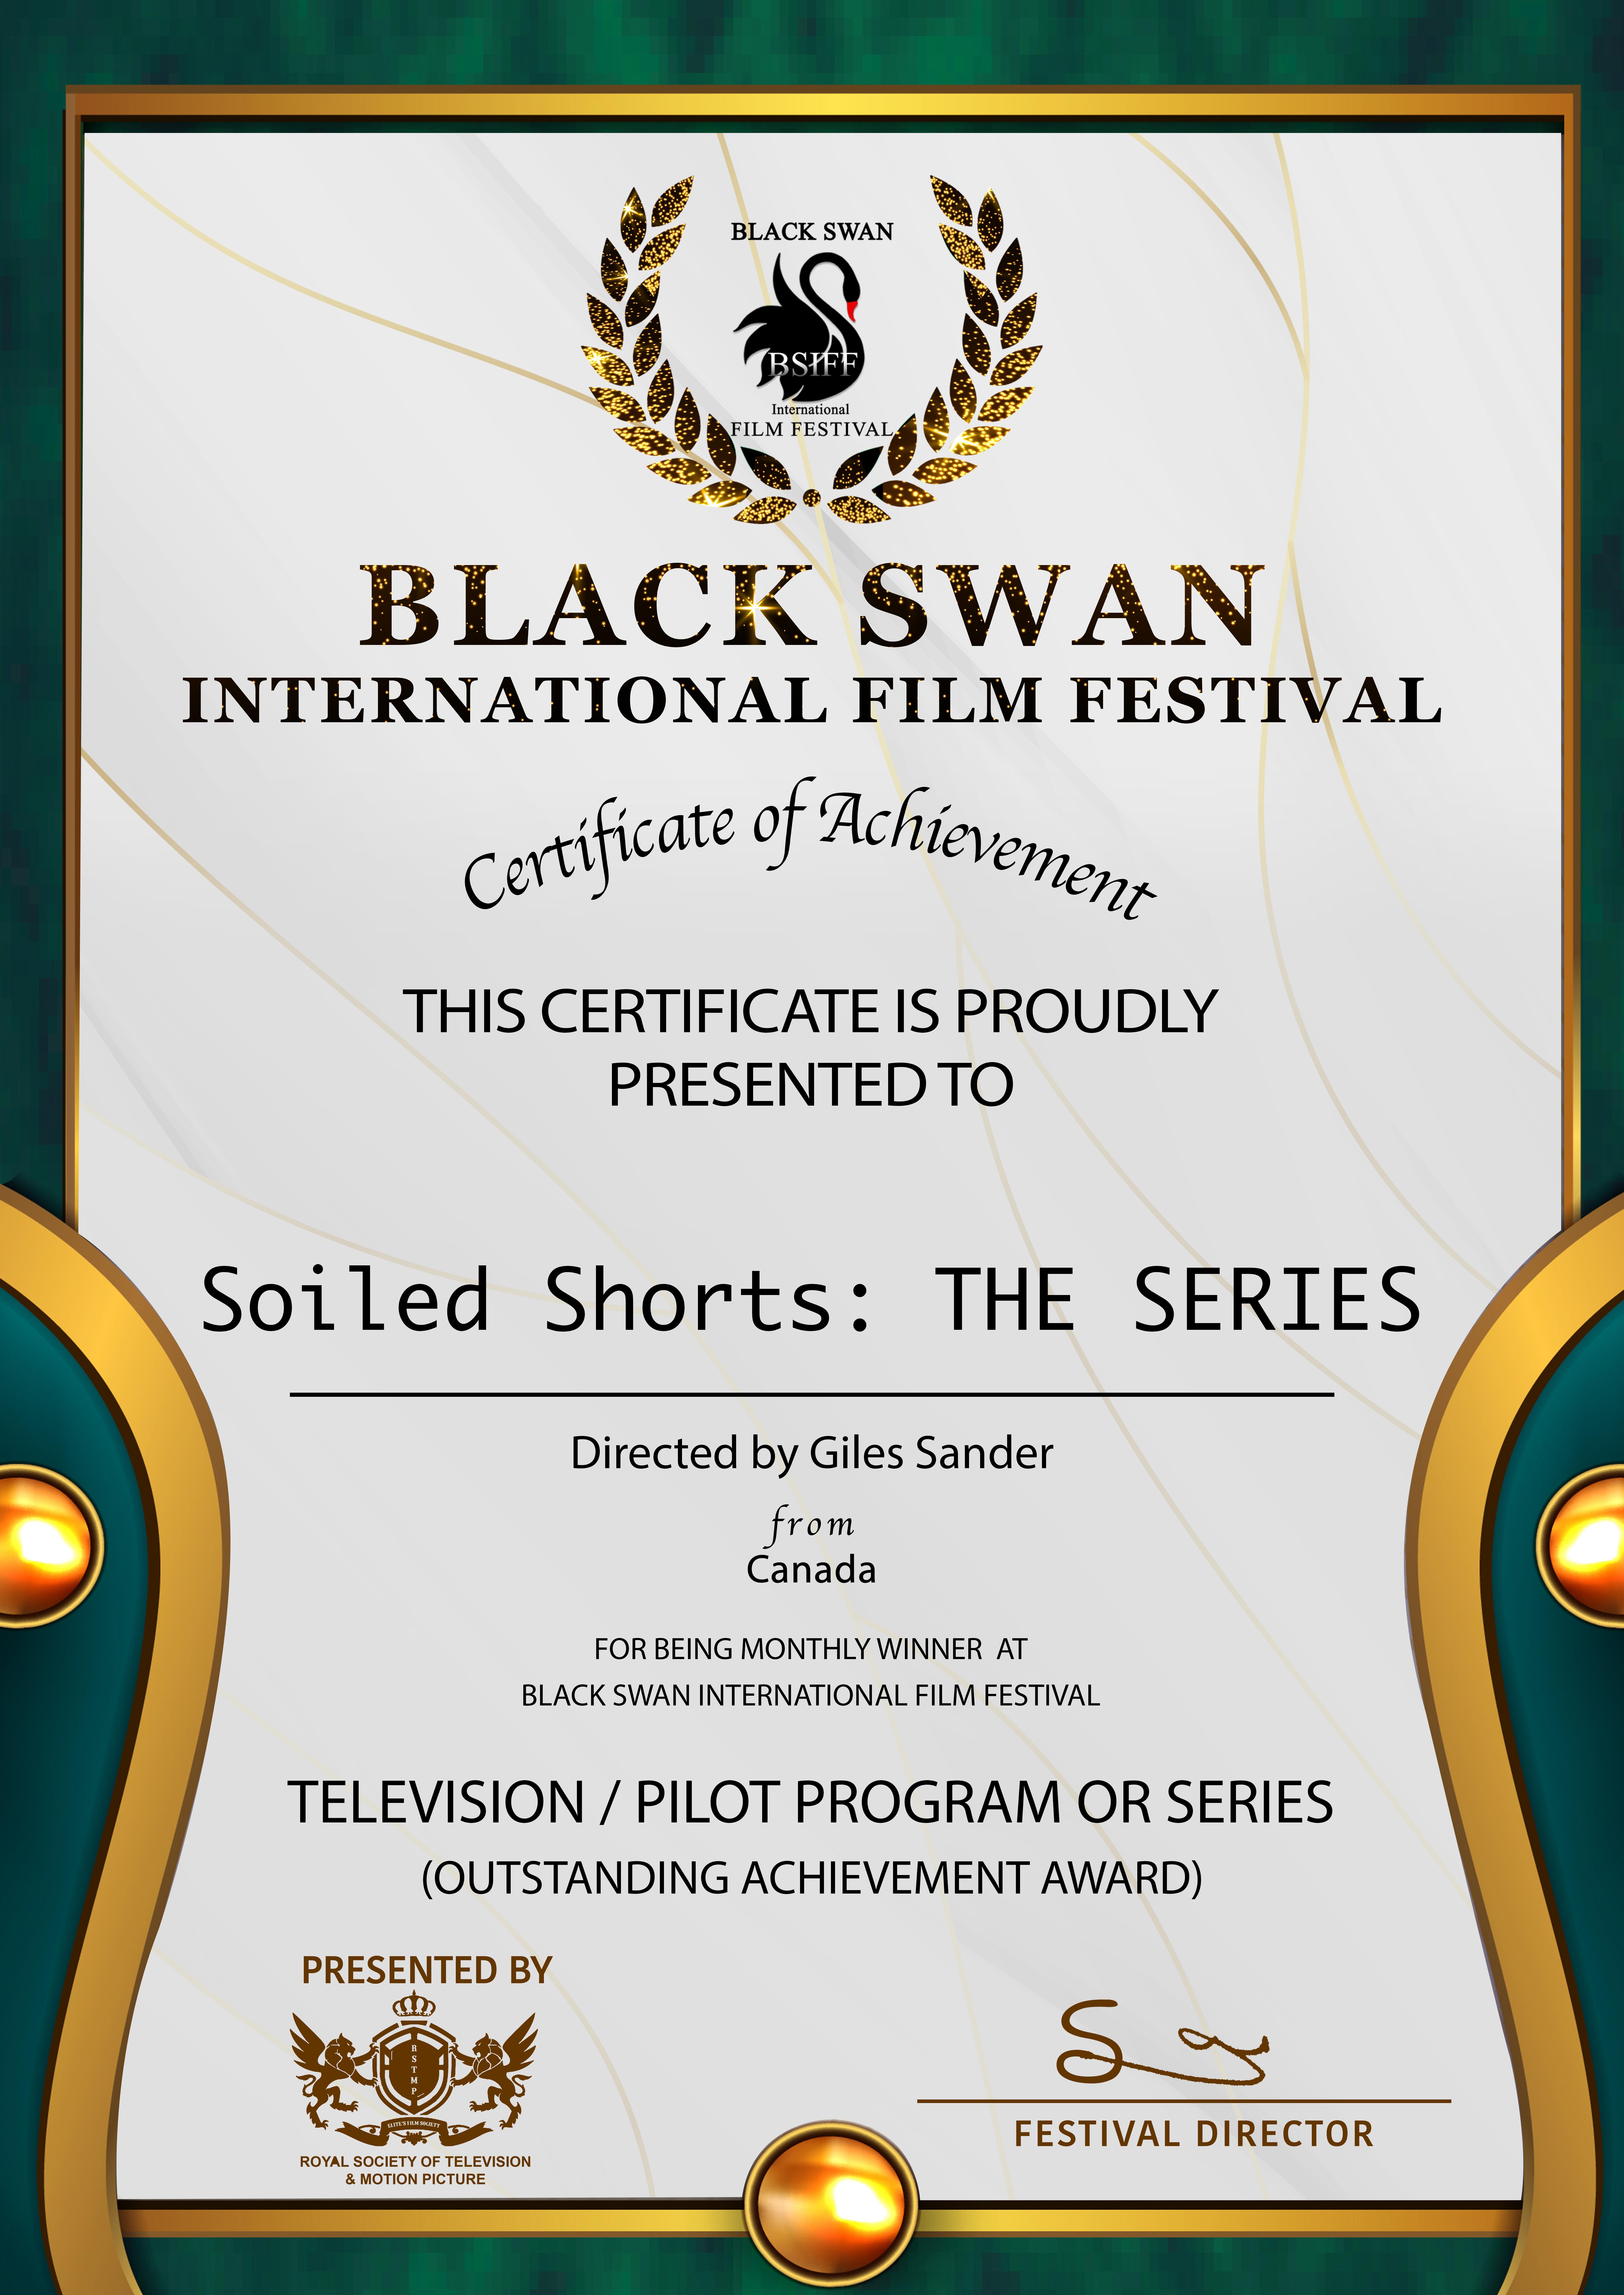 Winner - Black Swan International Film Festival